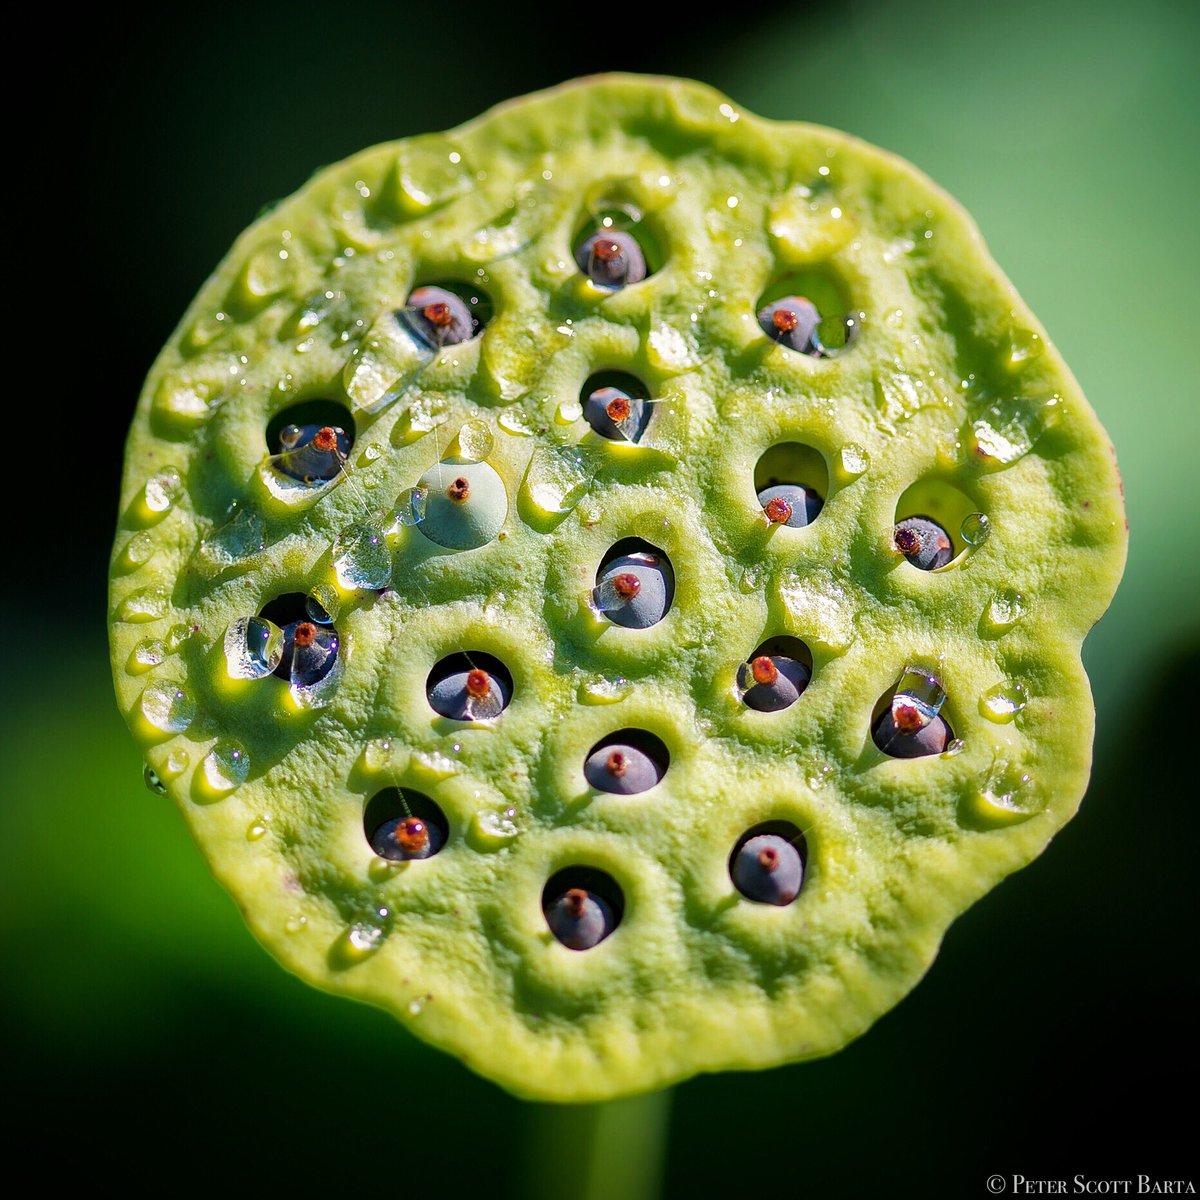 Peter Scott Barta On Twitter Lotus Flower Seeds Canon5diii